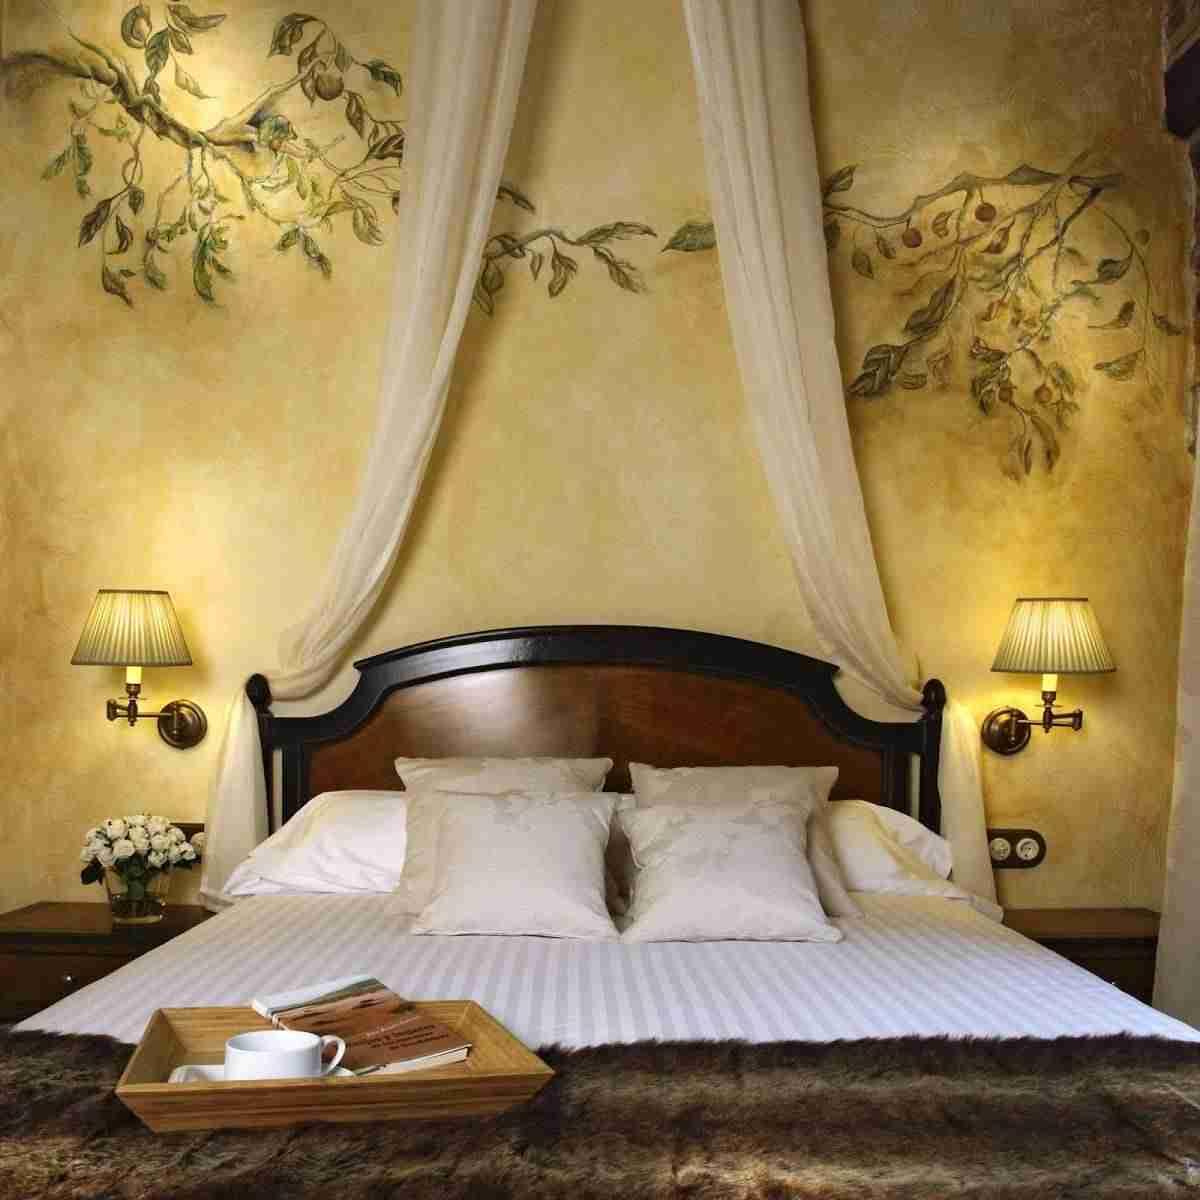 Hoteles rurales con encanto